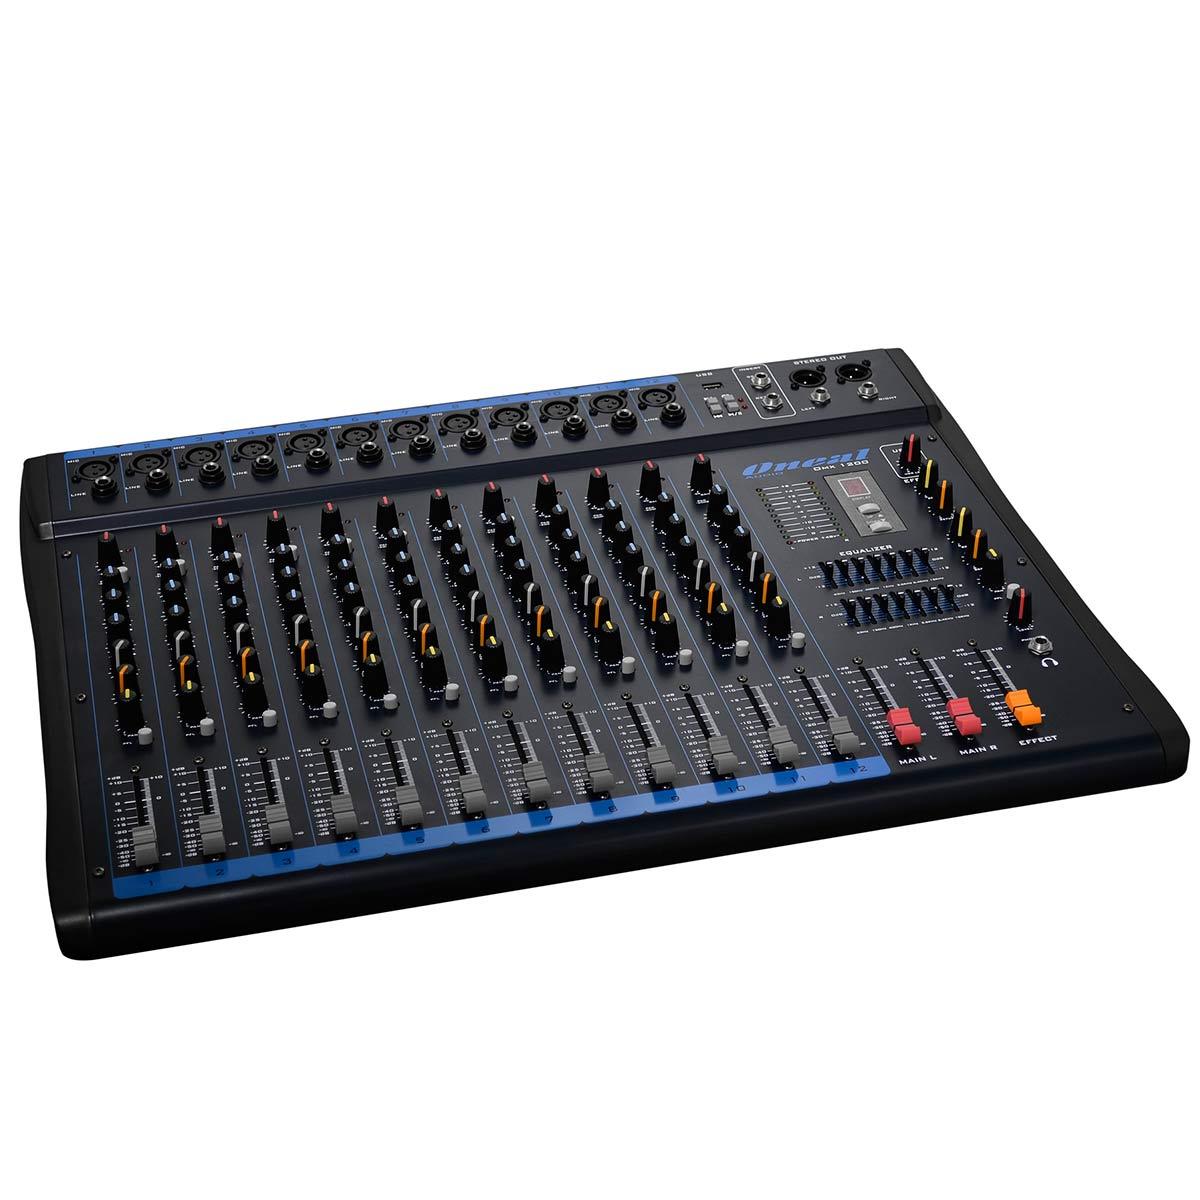 Mesa de Som 12 Canais XLR Balanceados c/ USB / Efeito / Phantom / 2 Auxiliares - OMX 1200 Oneal